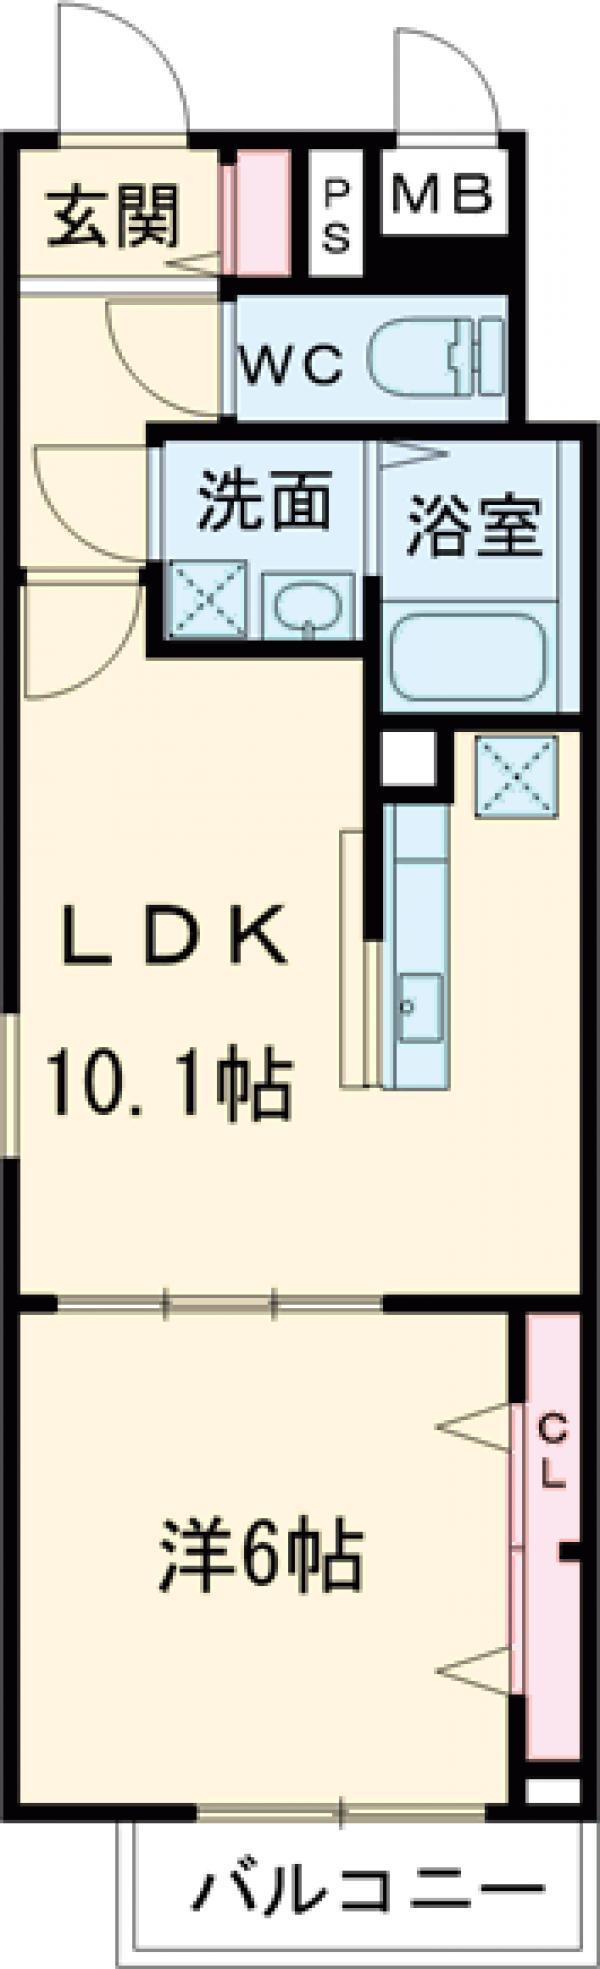 ラ・プルメリア・01020号室の間取り